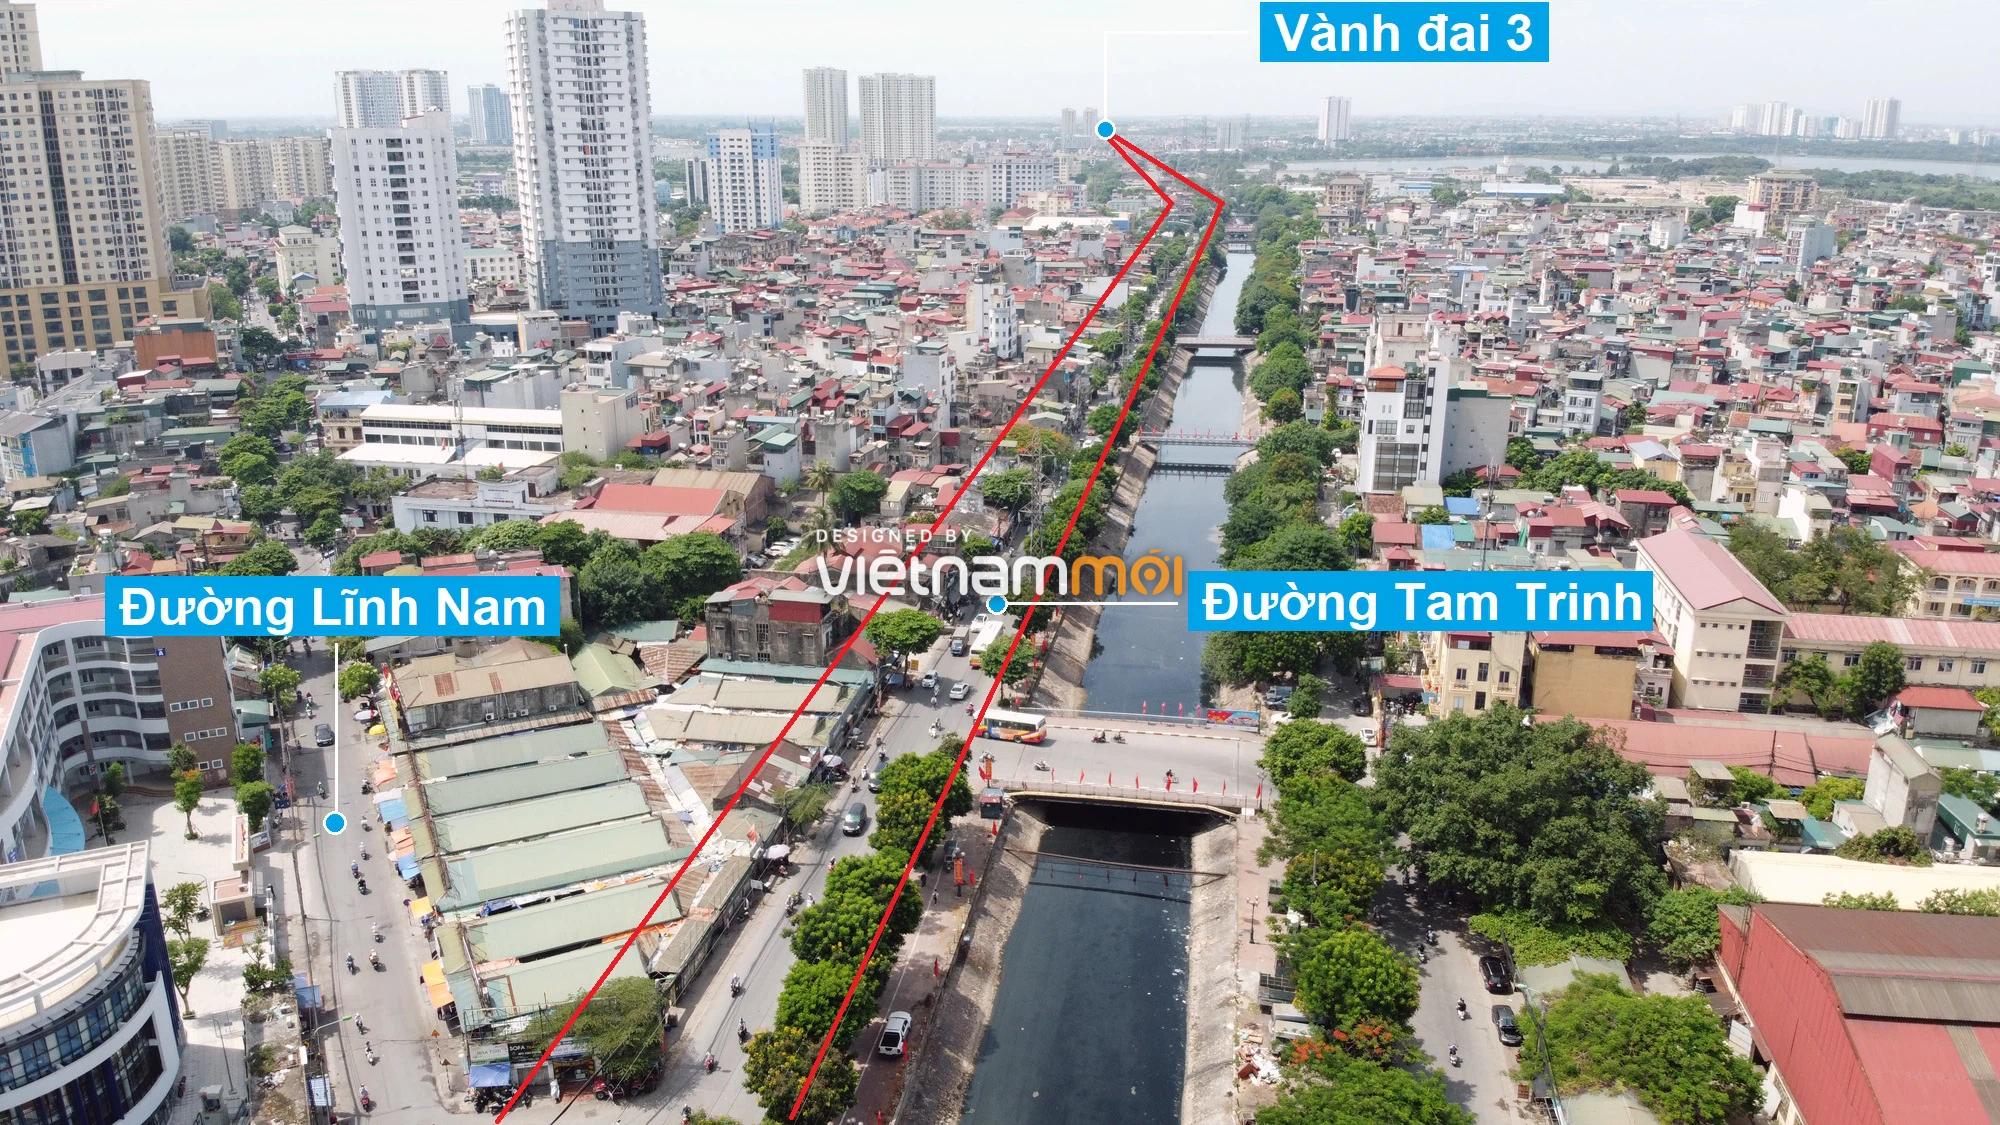 Những khu đất sắp thu hồi để mở đường ở quận Hoàng Mai, Hà Nội (phần 3) - Ảnh 8.